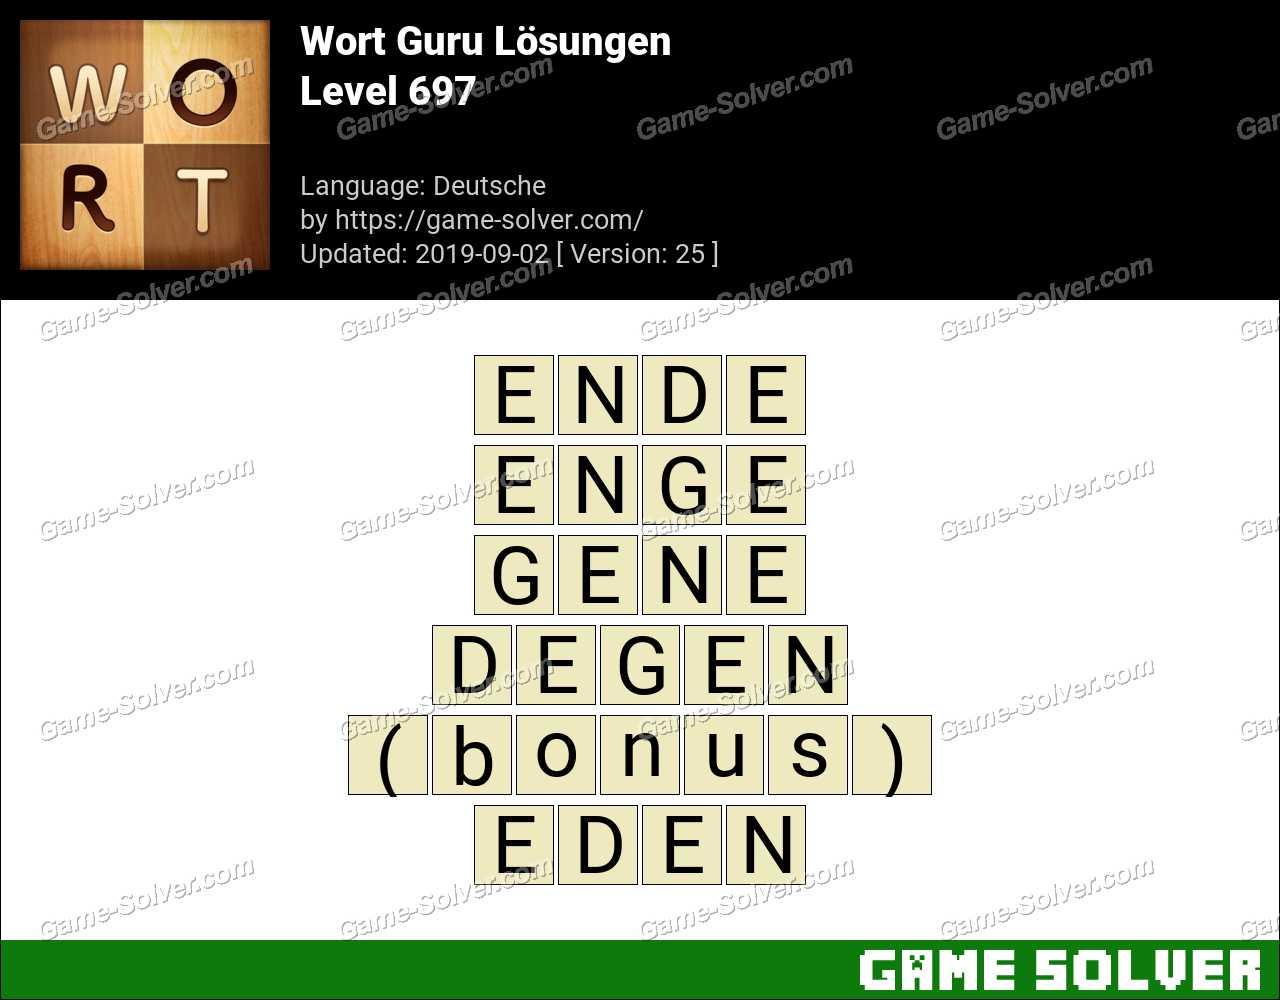 Wort Guru Level 697 Lösungen